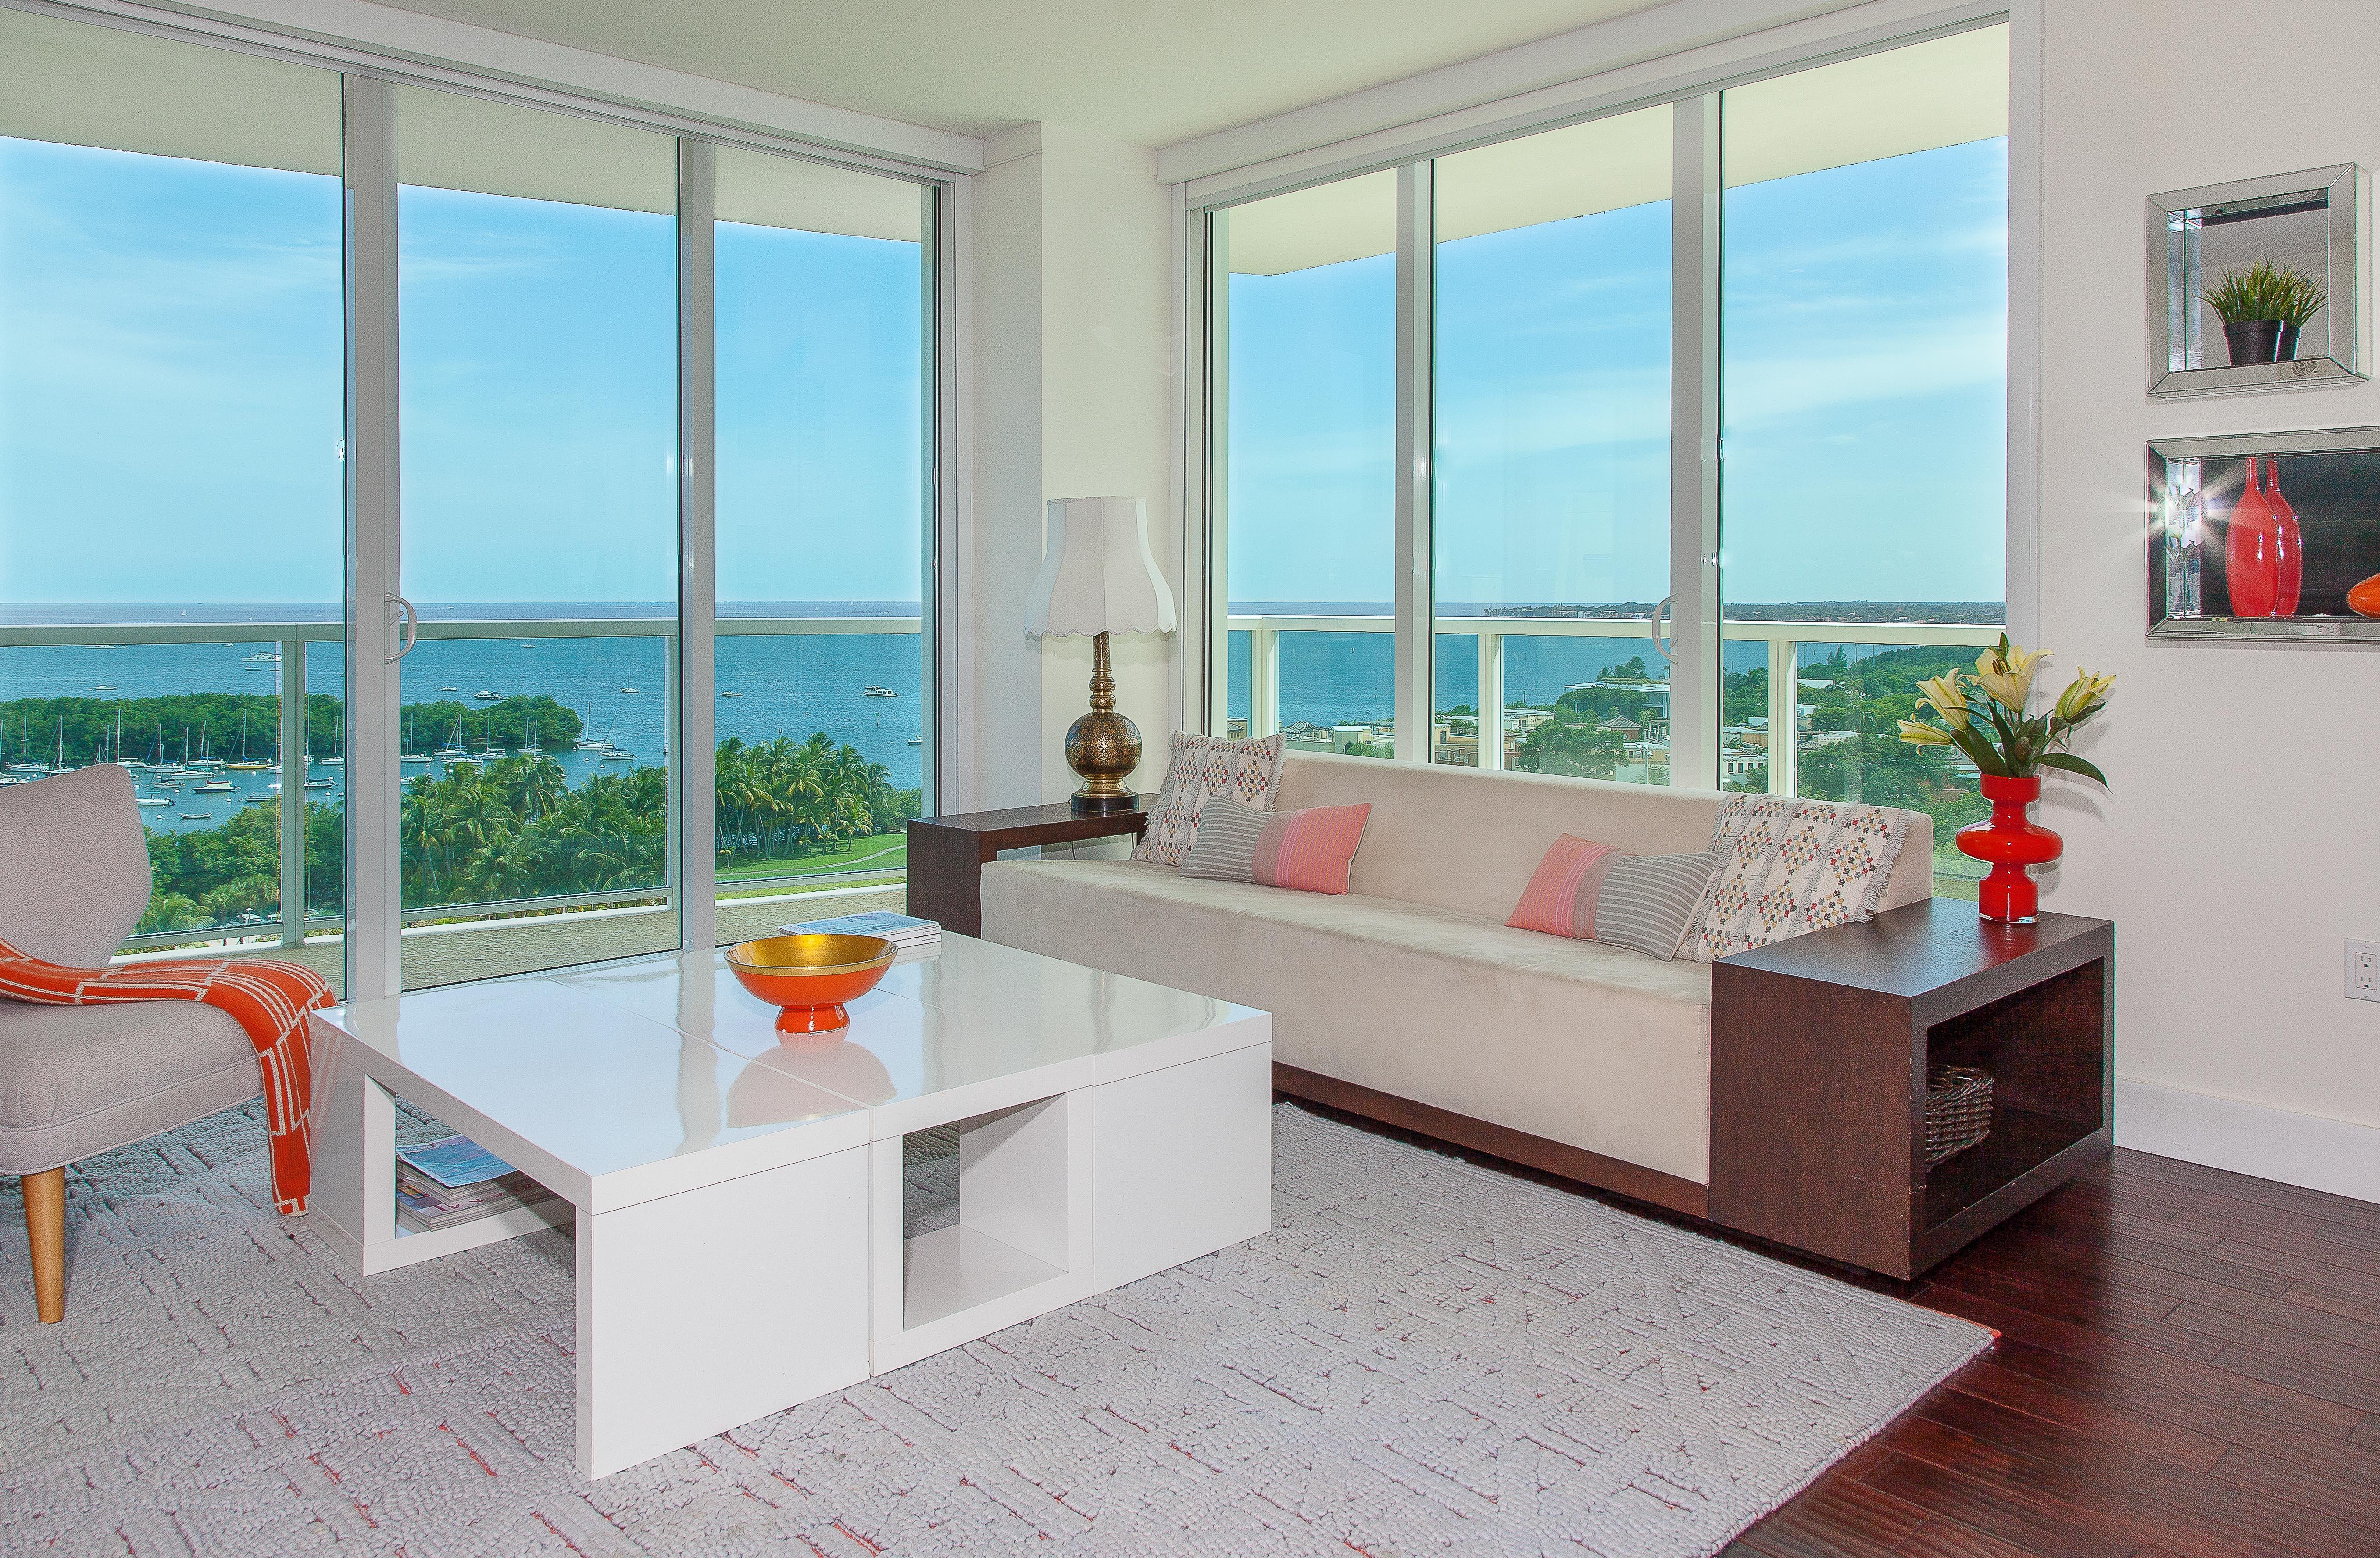 Miami Vacation Rentals - Brickell image 4